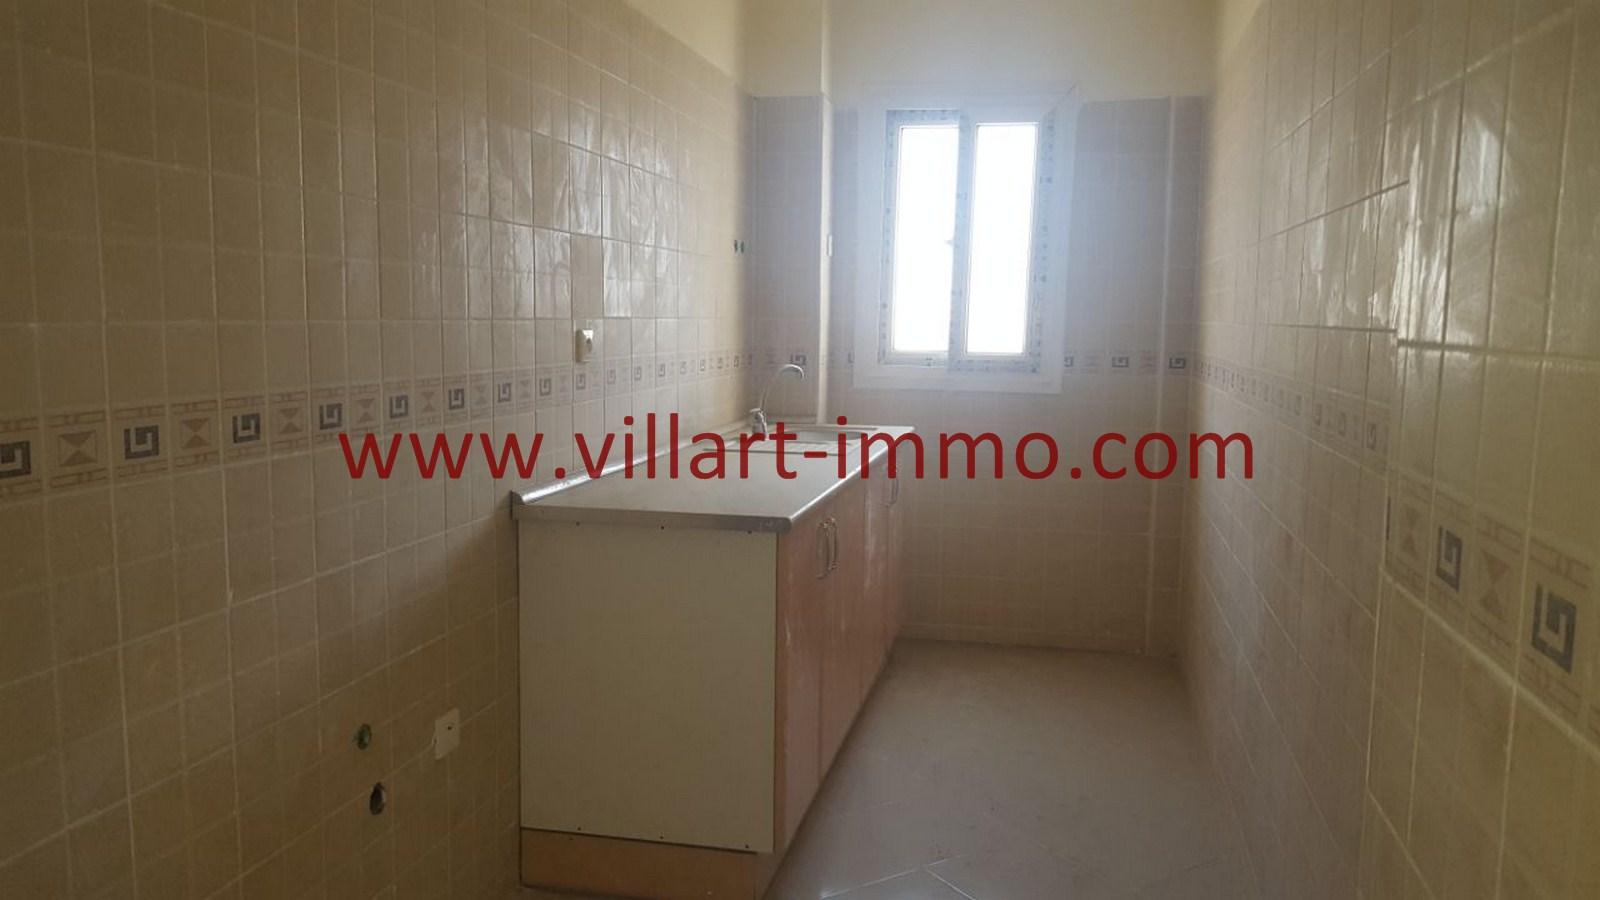 5-Vente-Appartement-Tanger-Mojahidine -Cuisine-VA485-Villart Immo